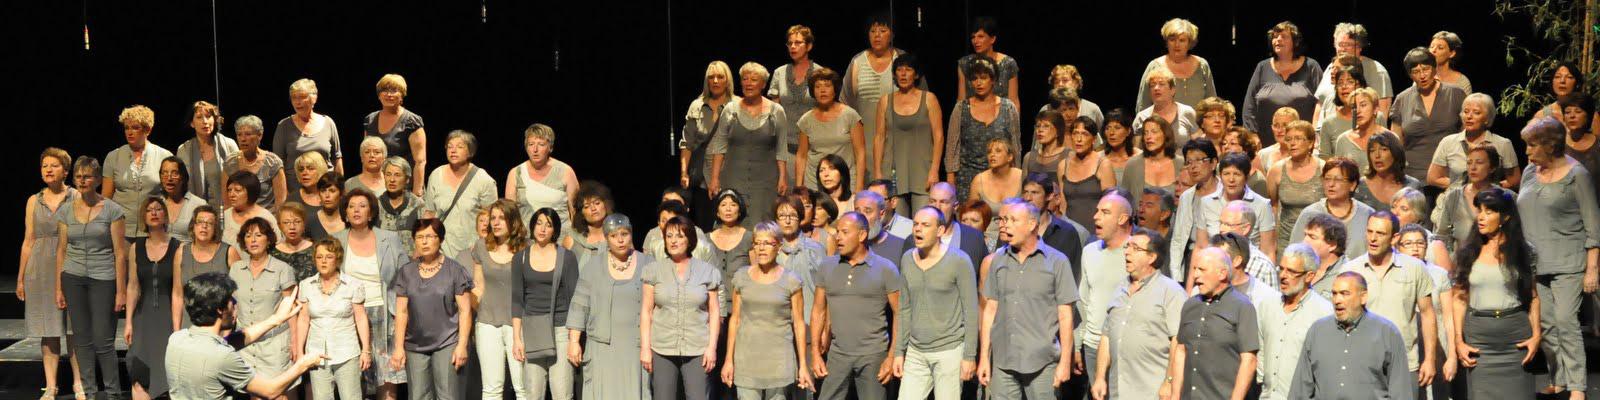 Les choristes sur scène